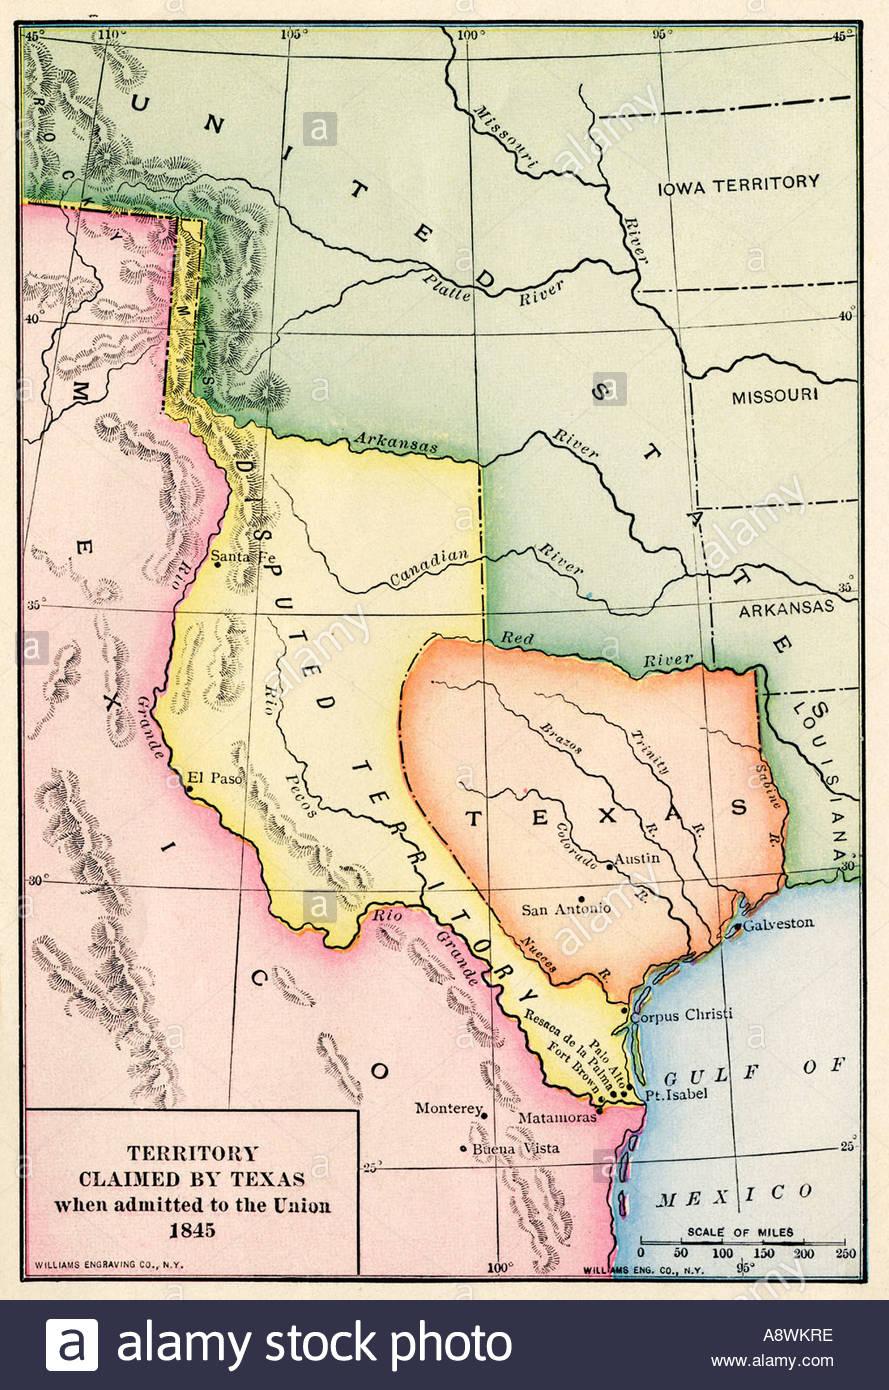 Republic Of Texas Stock Photos & Republic Of Texas Stock Images - Alamy - Republic Of Texas Map 1845